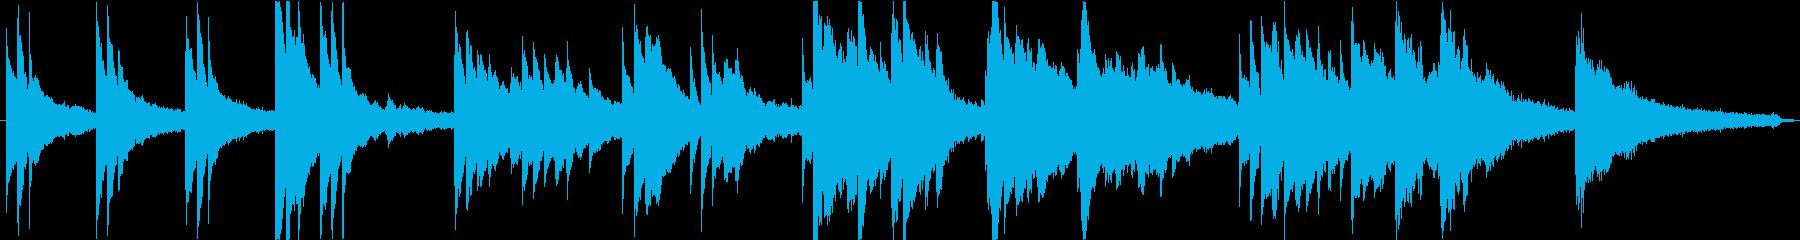 切ないピアノソロ1分。シーン切り替え等にの再生済みの波形